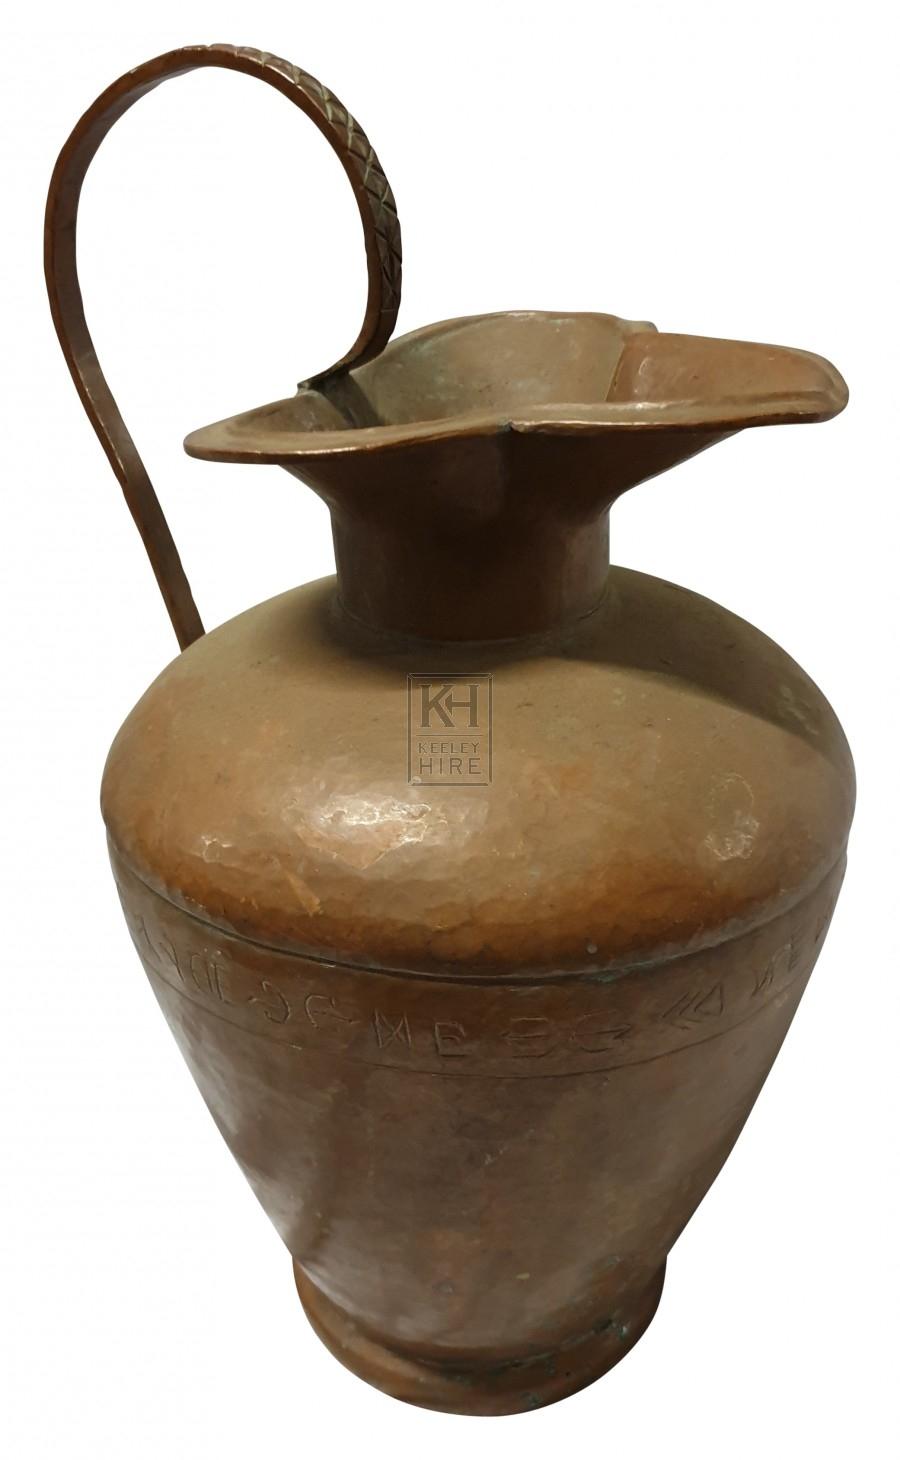 Bulbous copper jug with spout